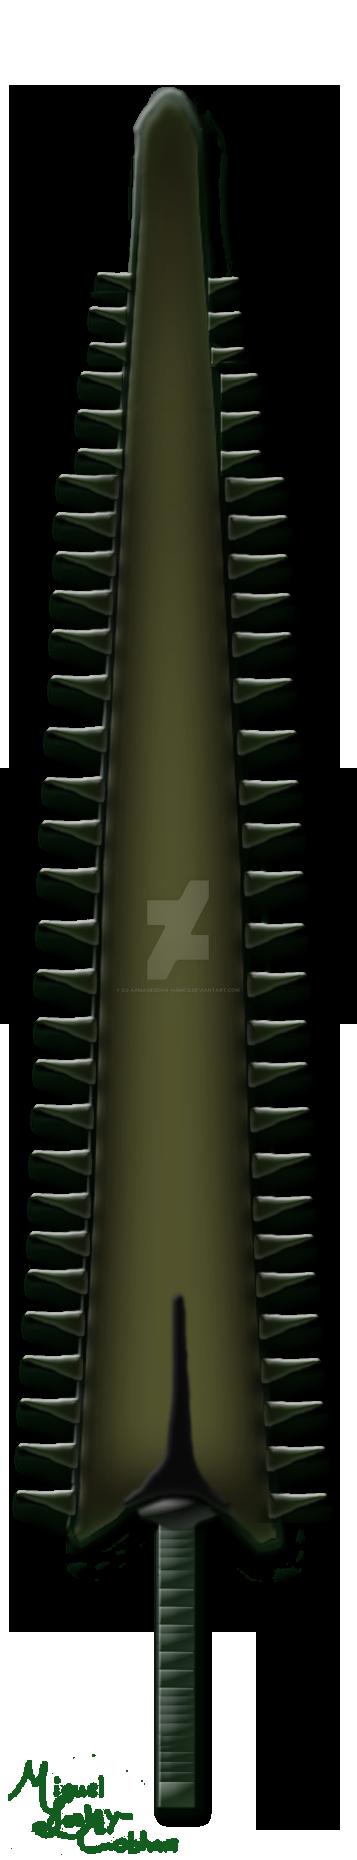 McMann's-Sword by Dj-ArMaGeDdOn-145McG